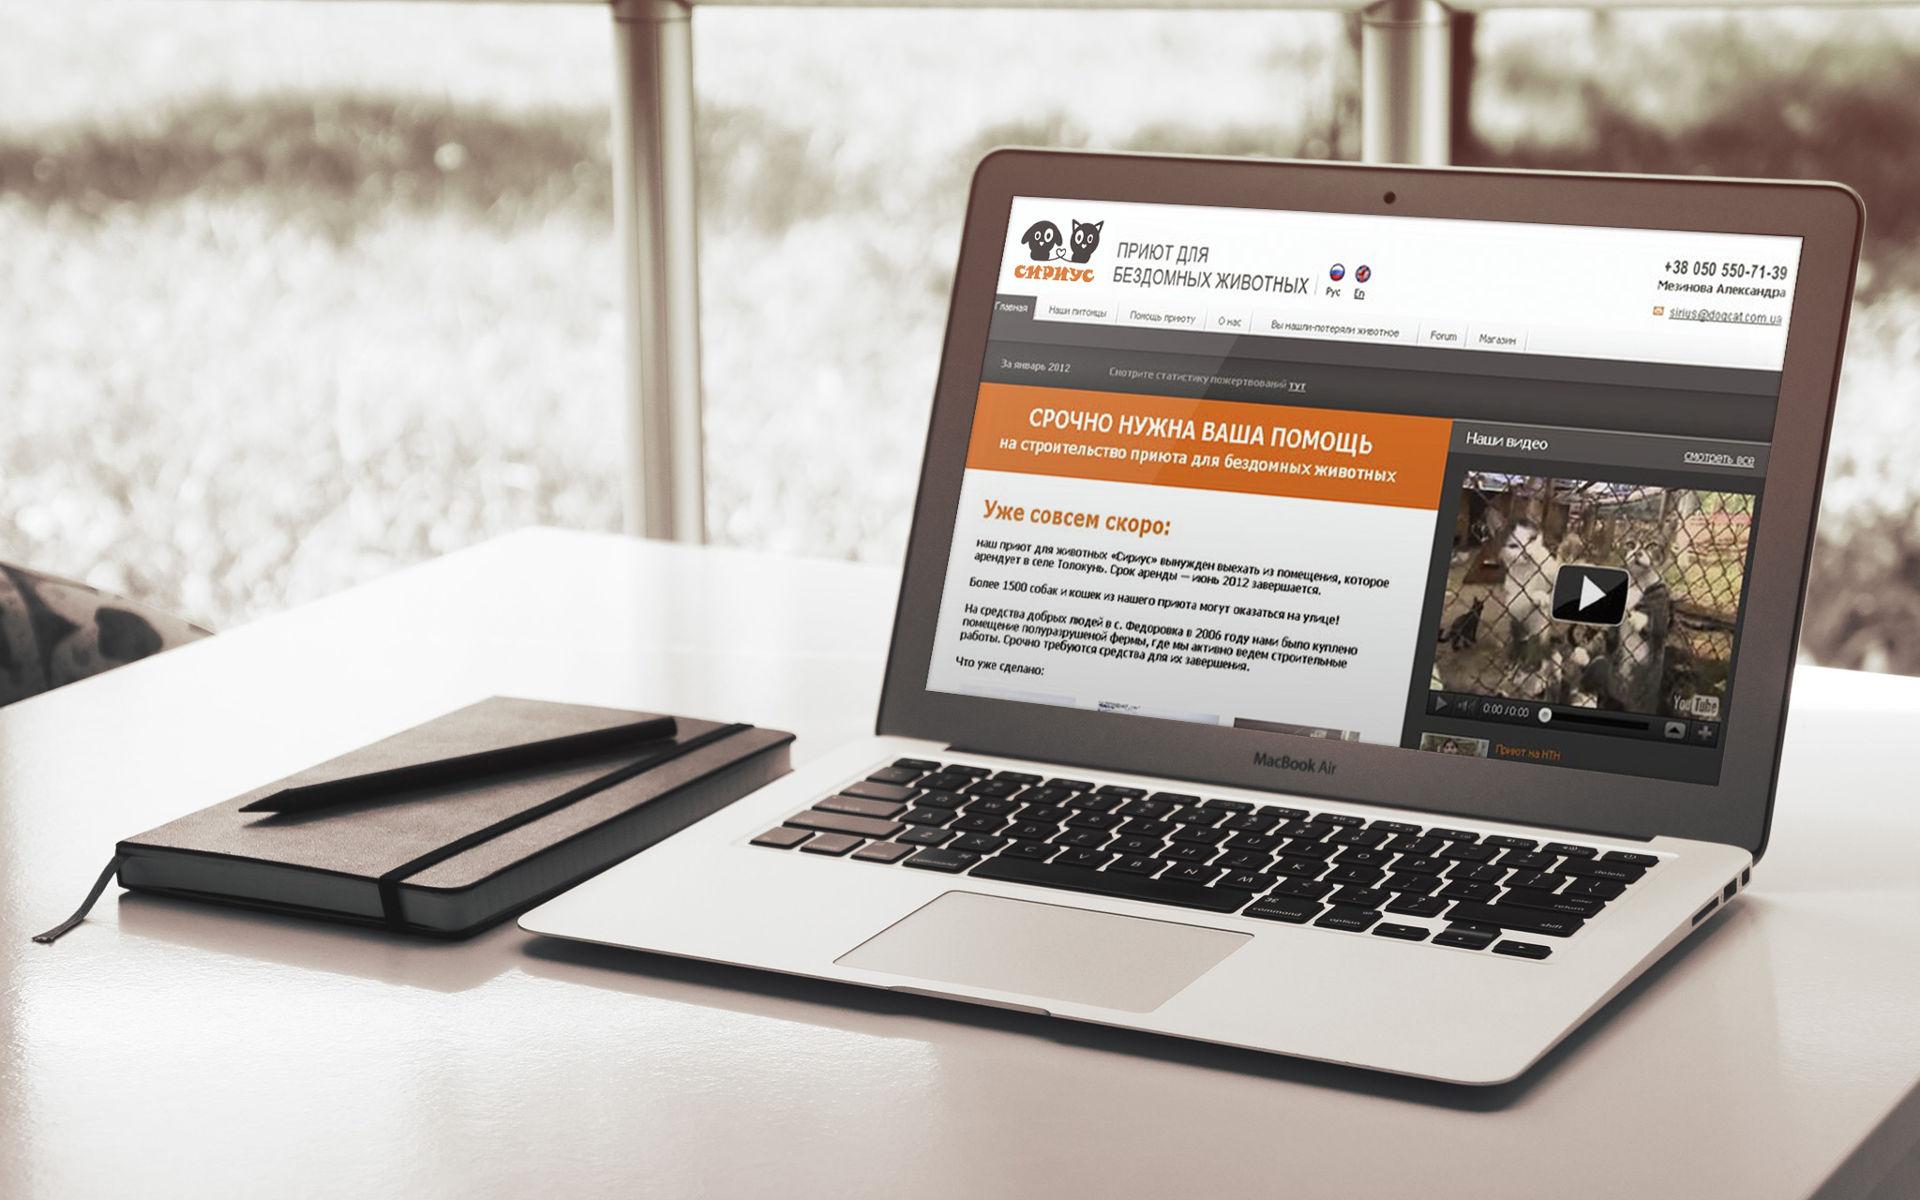 Дизайн of the website для приюта домашних животных, Animal shelter web design